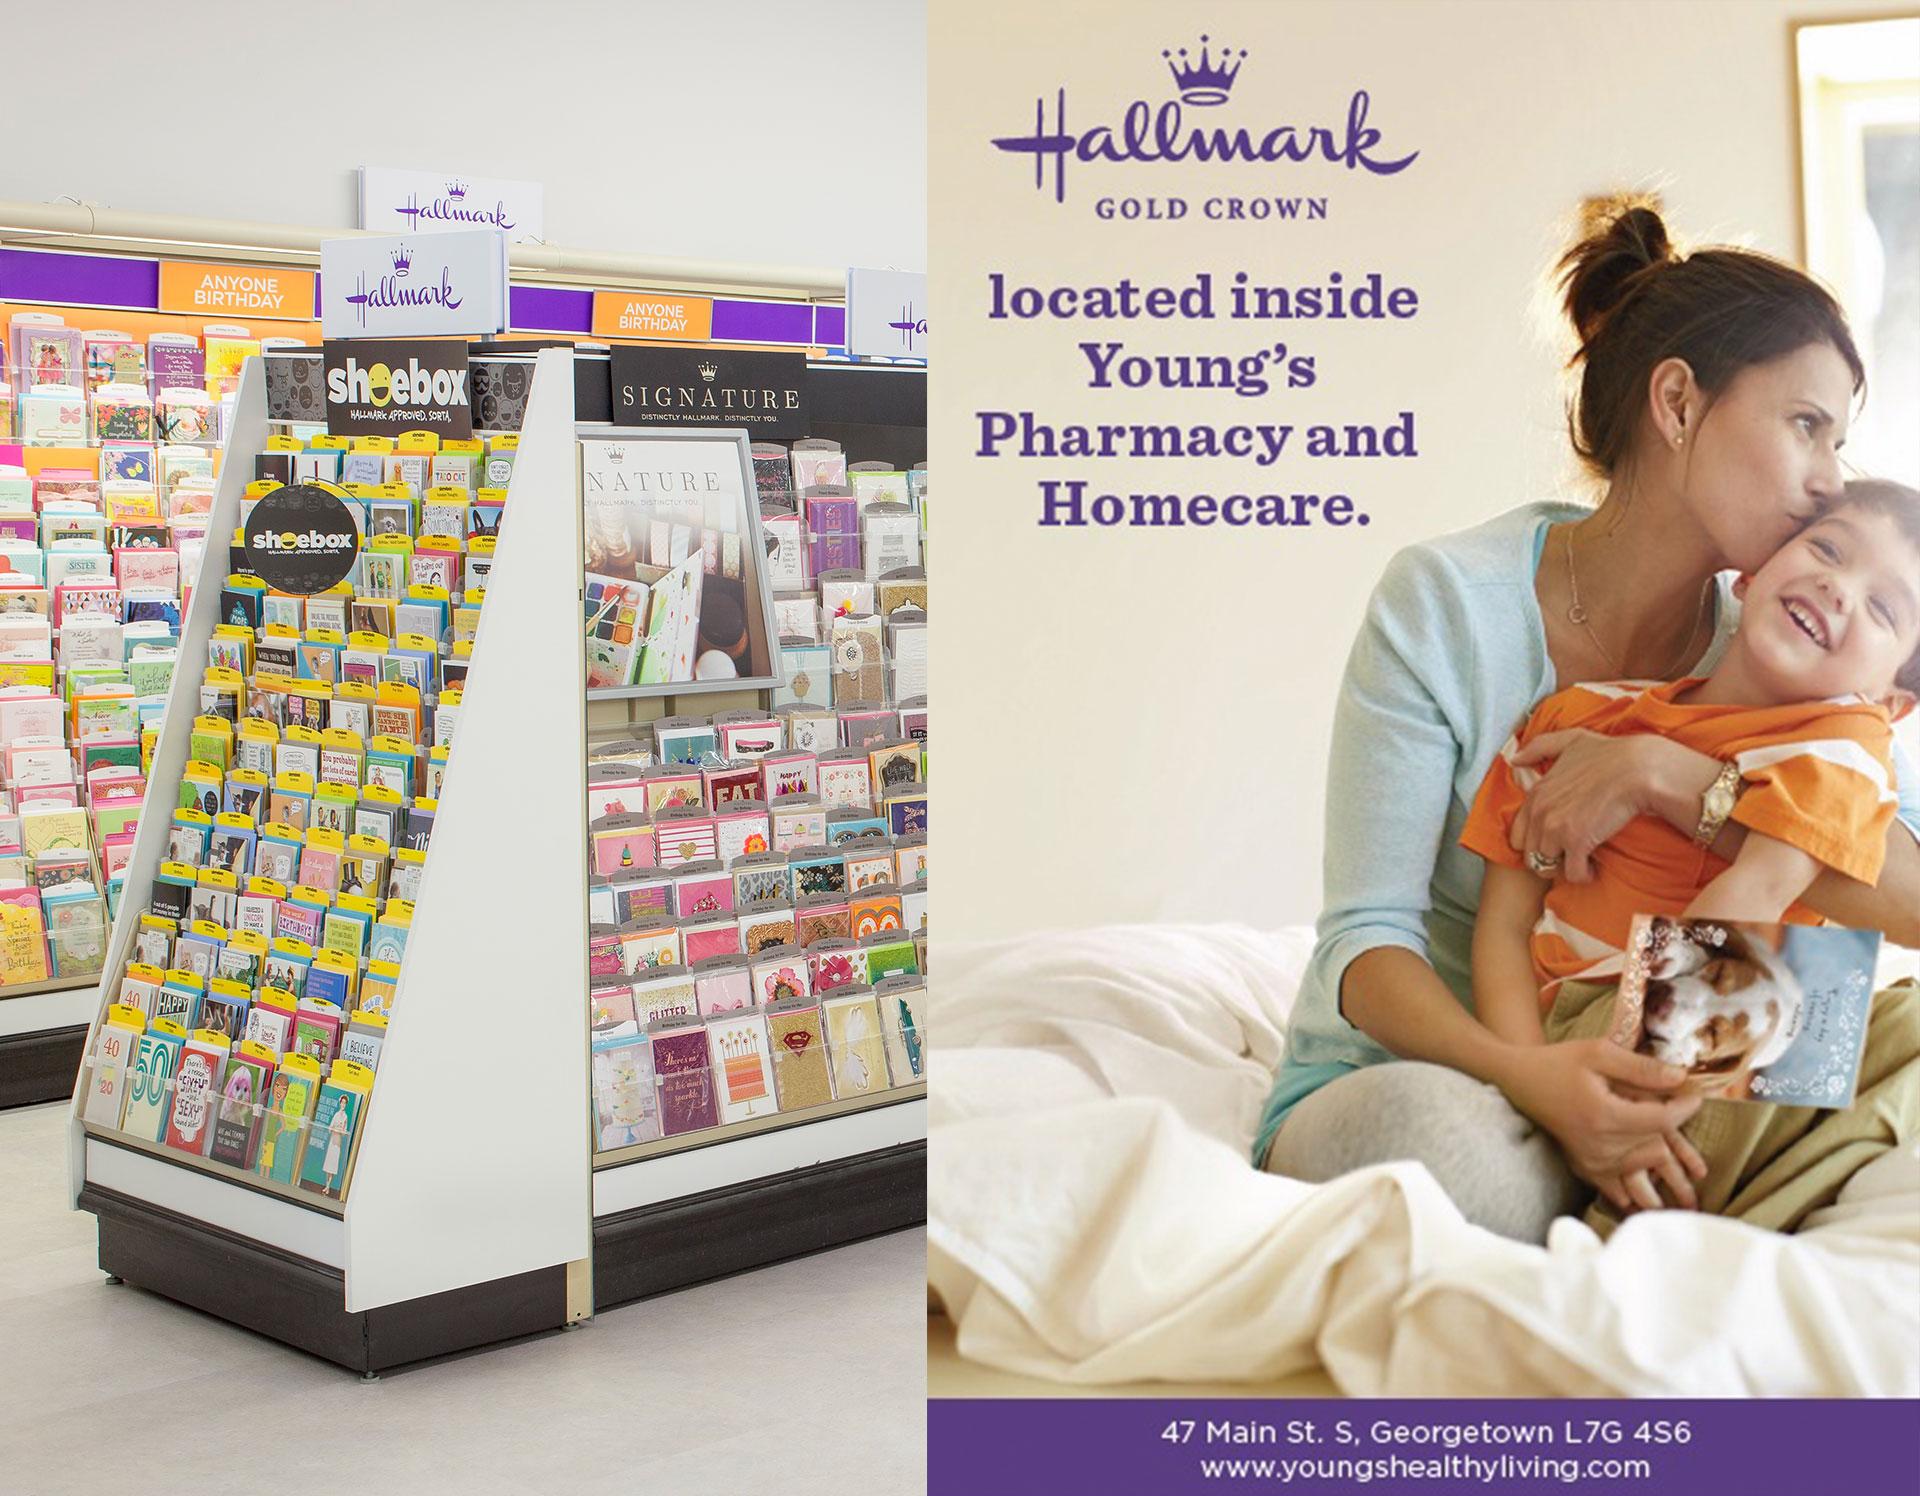 Hallmark Gift Shop